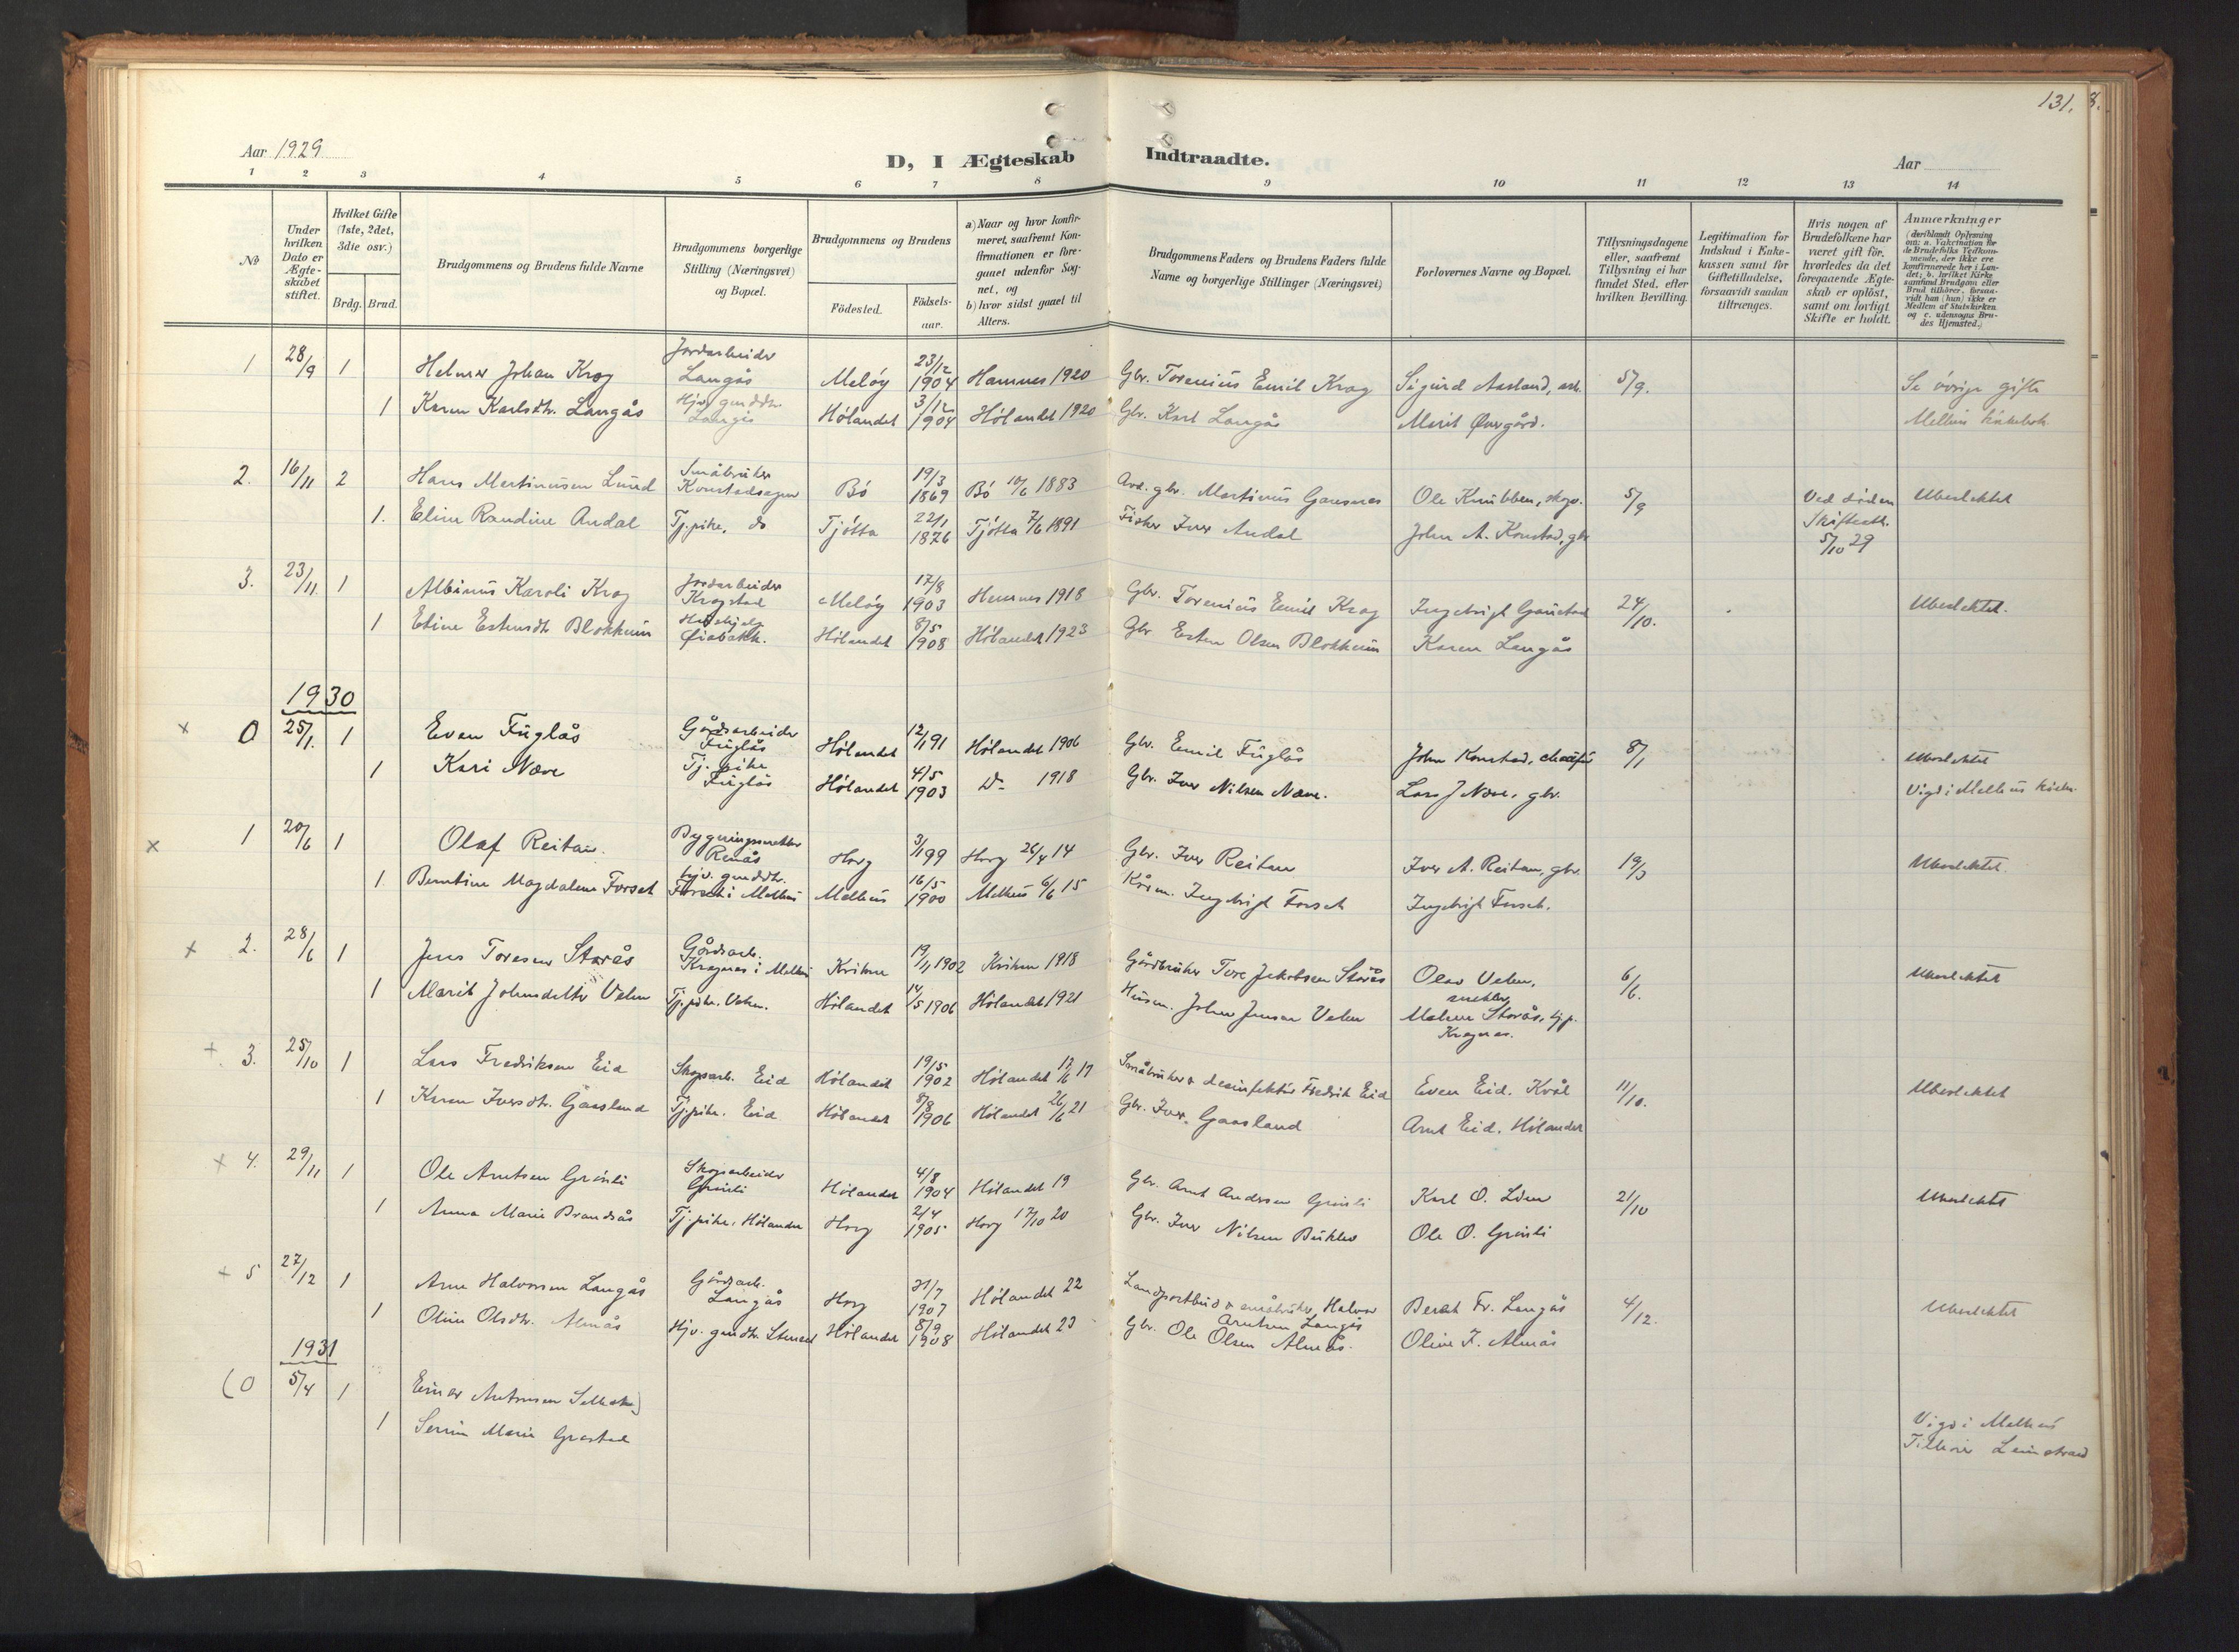 SAT, Ministerialprotokoller, klokkerbøker og fødselsregistre - Sør-Trøndelag, 694/L1128: Ministerialbok nr. 694A02, 1906-1931, s. 131